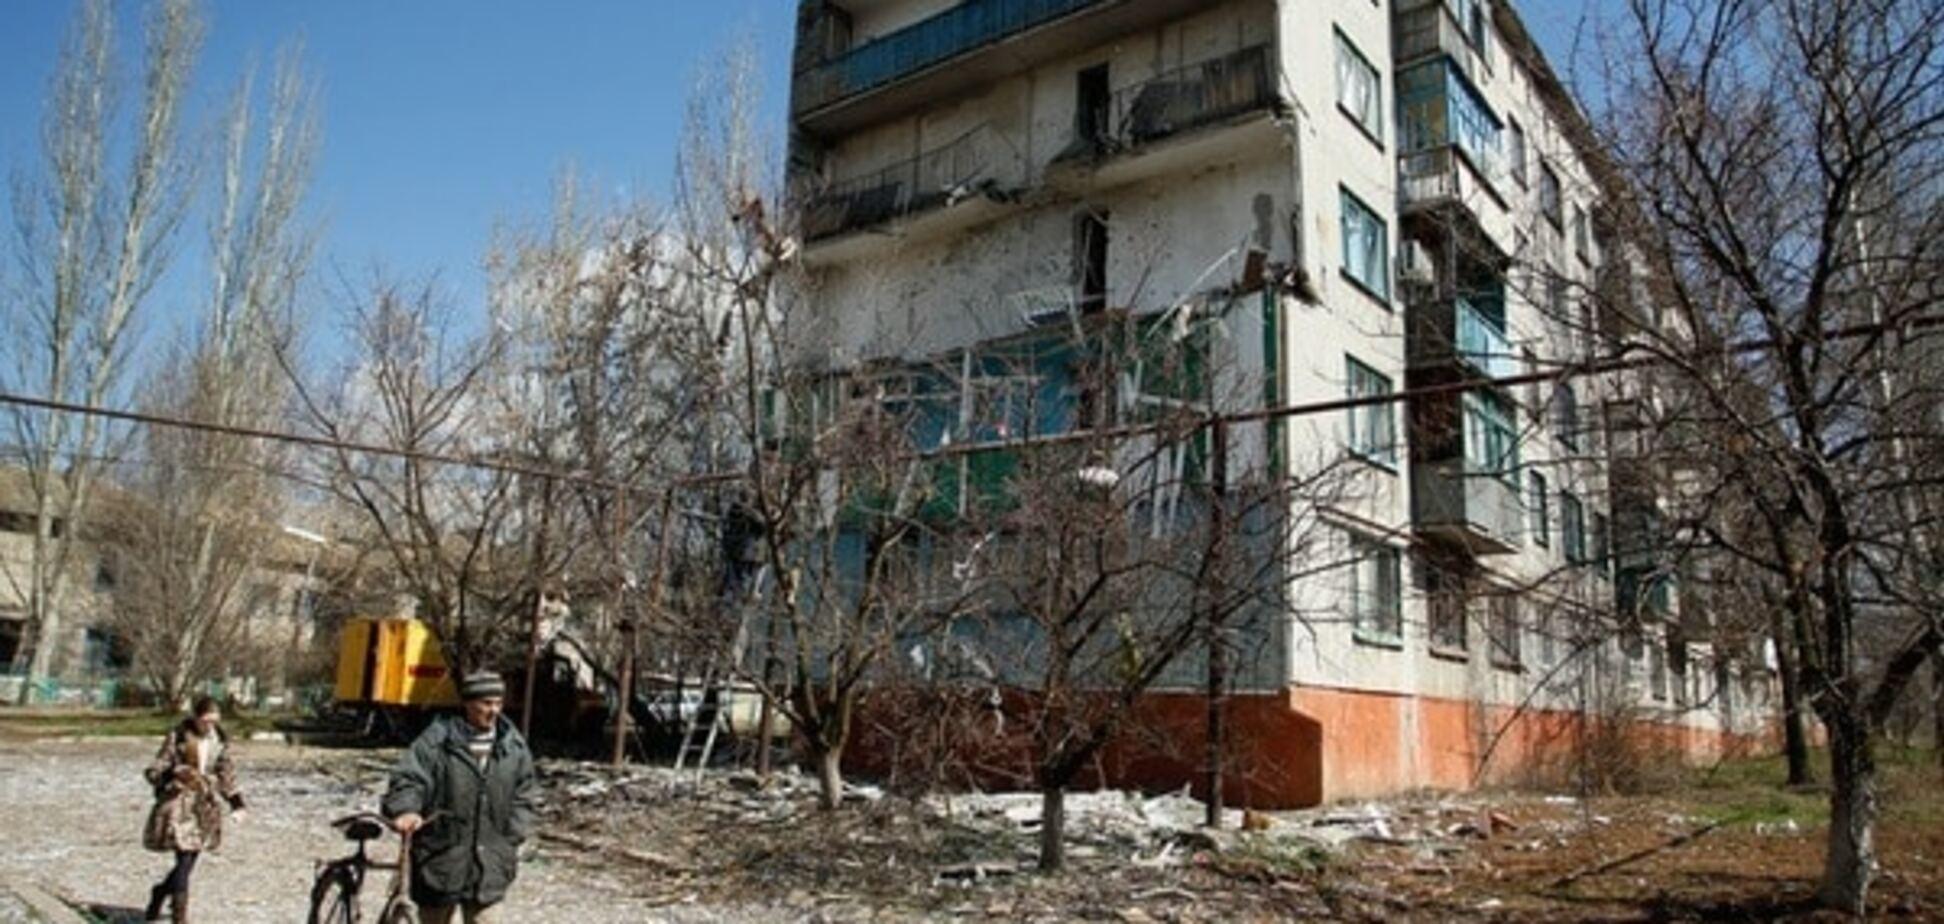 Геращенко повідомила деталі захоплення співробітника ООН у Донецьку